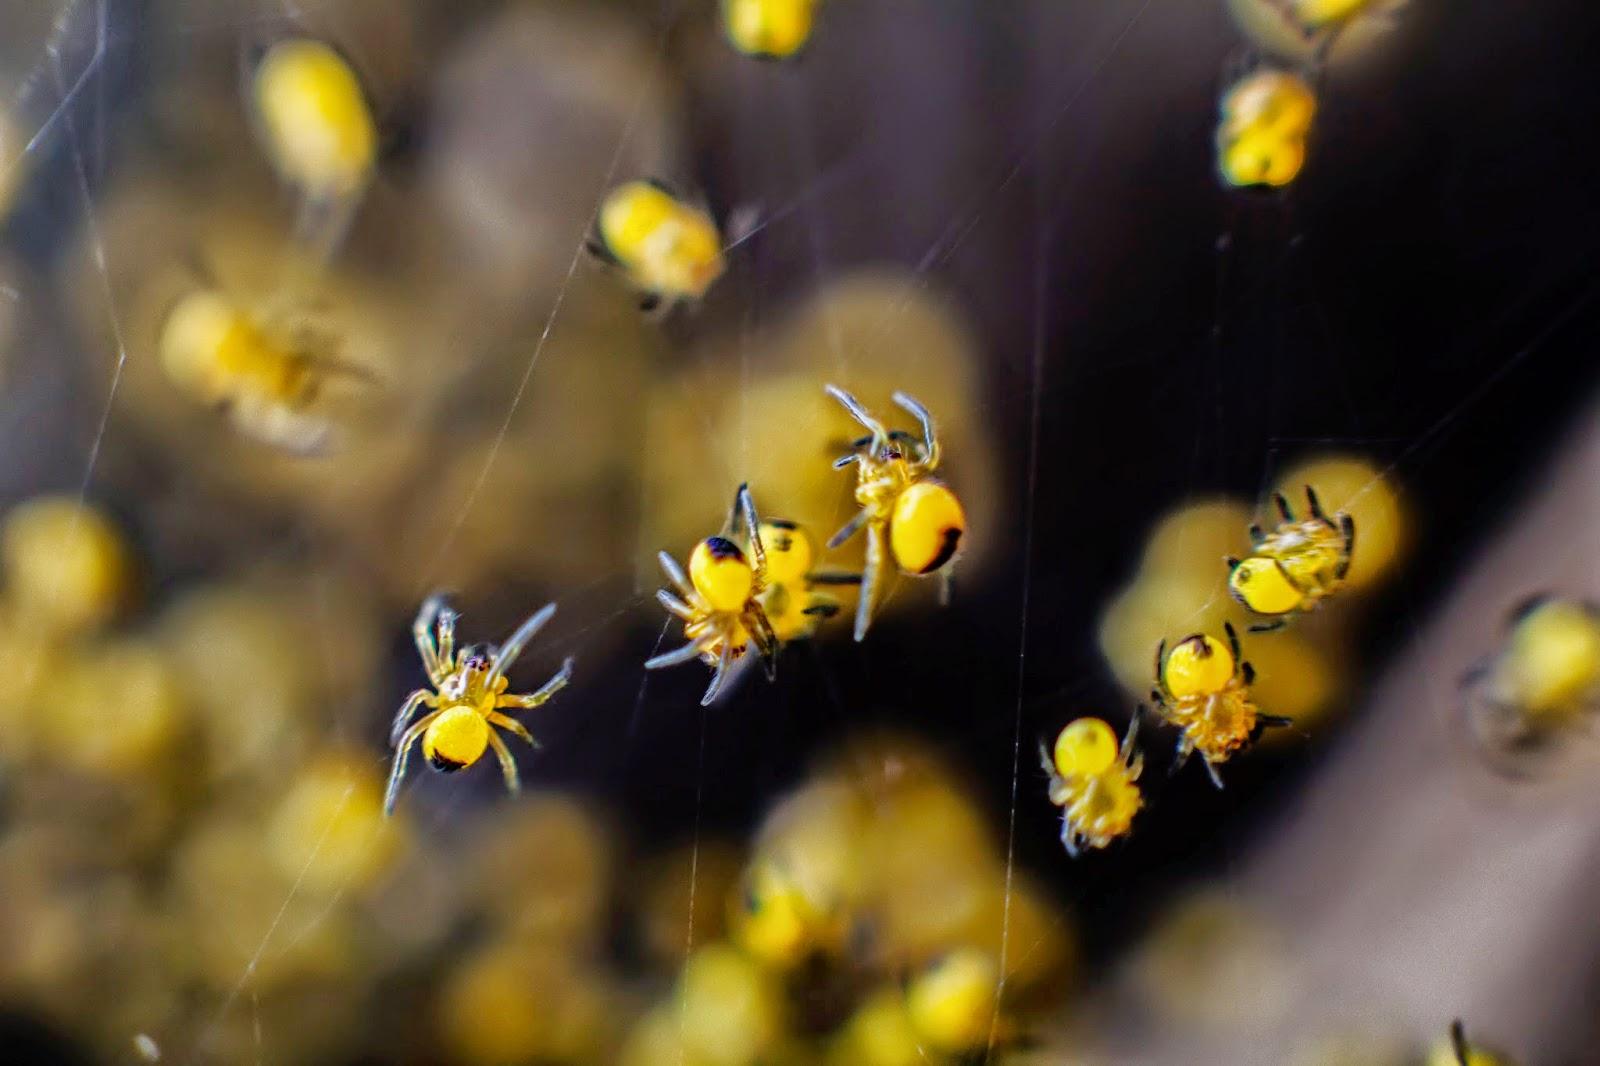 Fotografía macro de un nido de arañas en detalle